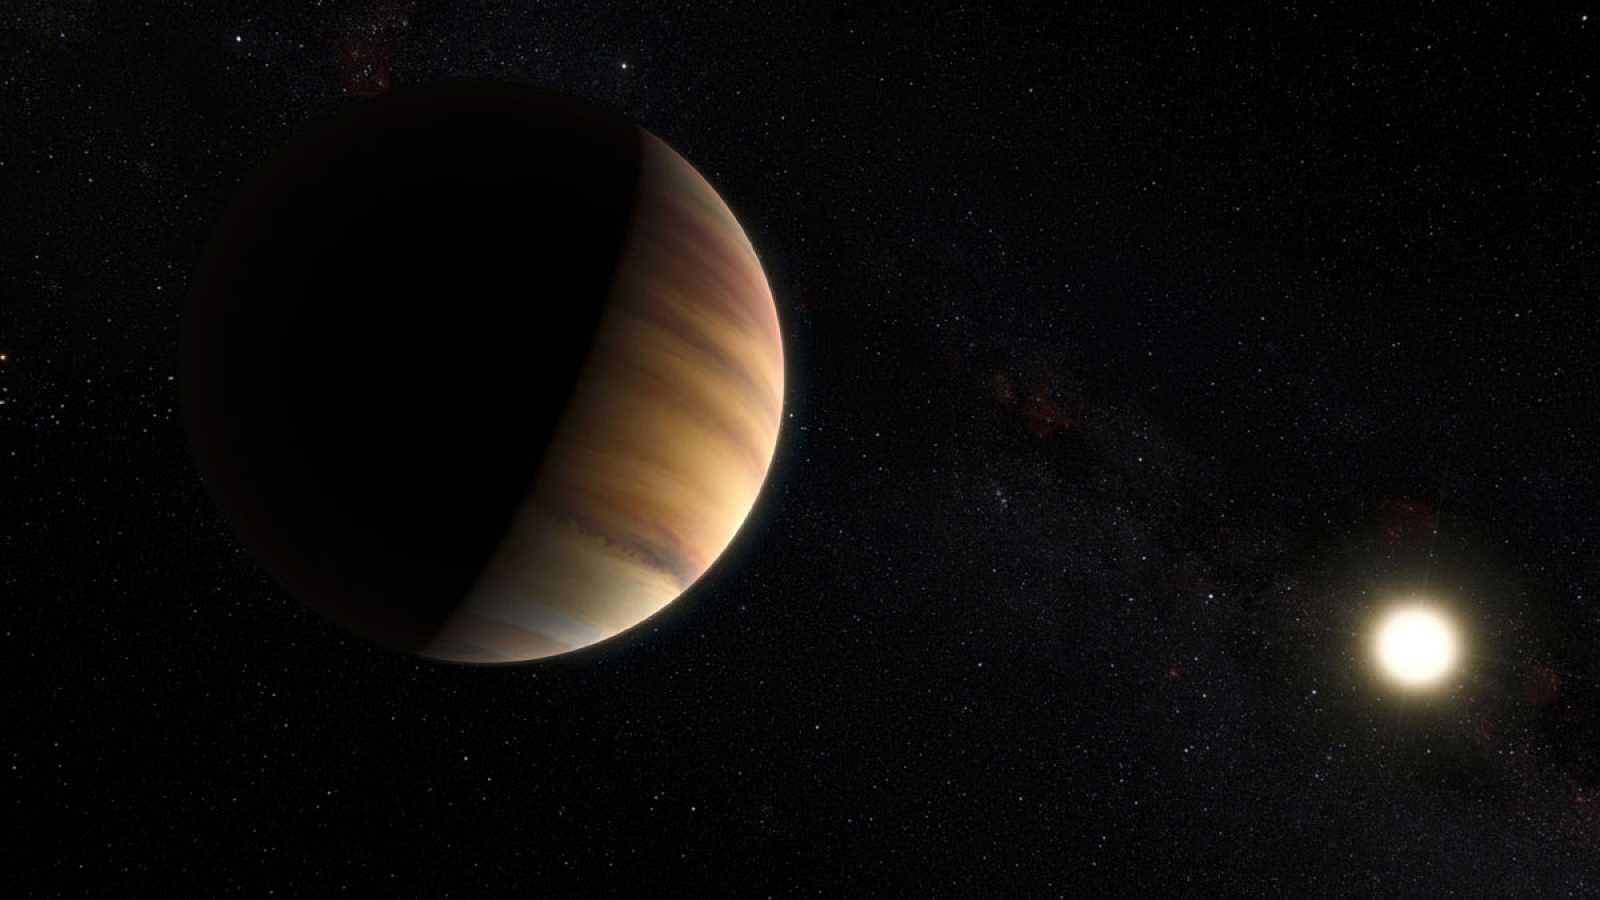 La Agencia Espacial Europea Retrasa El Lanzamiento De La Misión Cheops Que Estudiará Los Exoplanetas